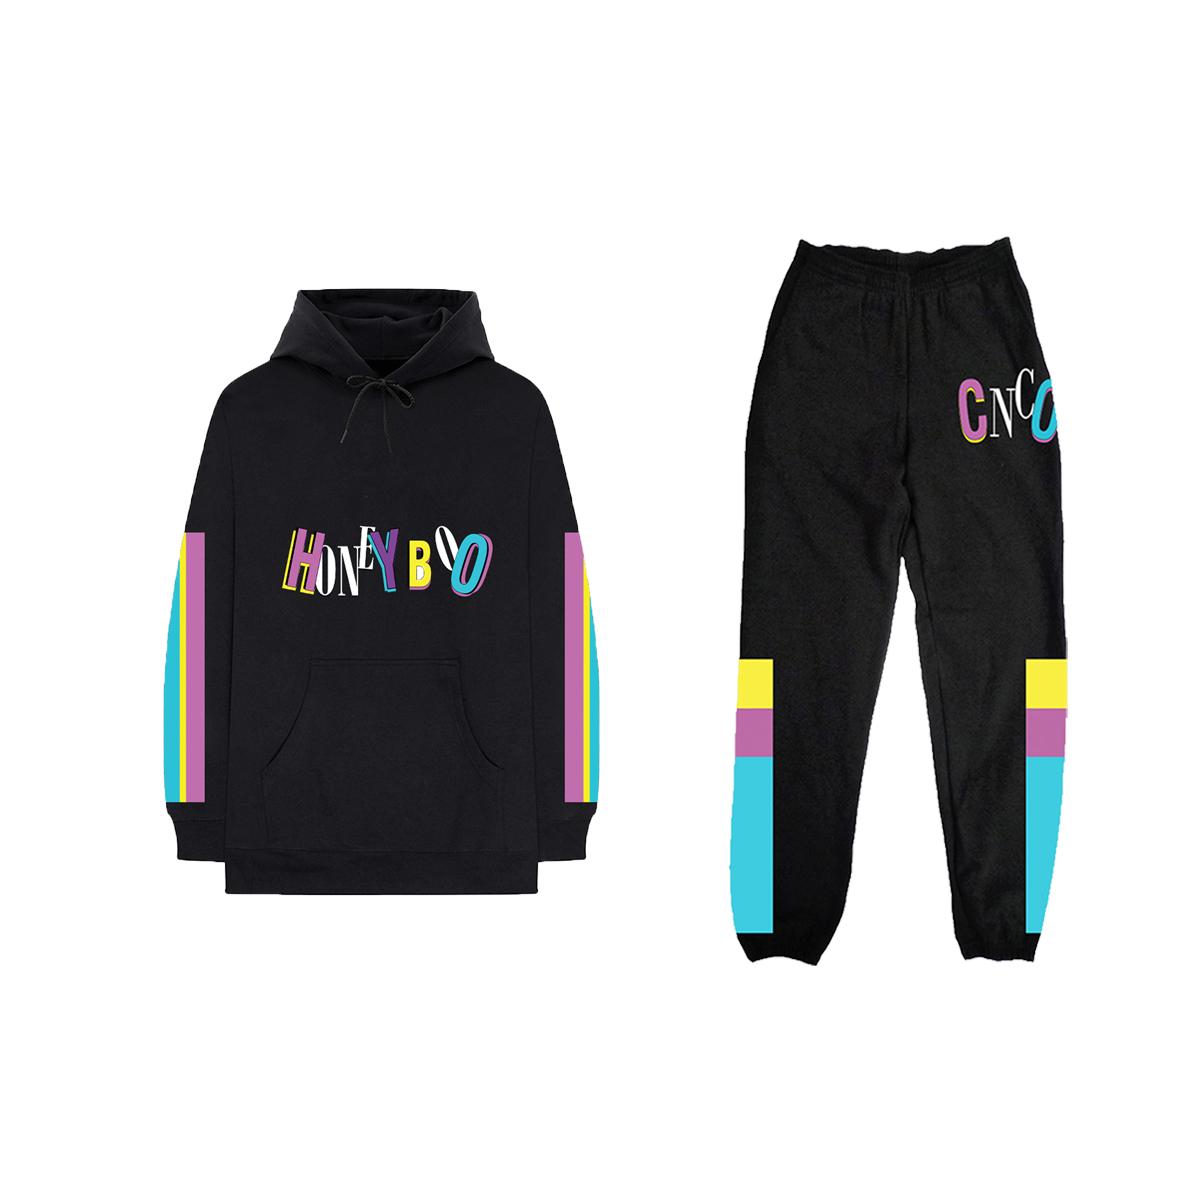 Honey Boo Black Hoodie + Sweatpants Bundle